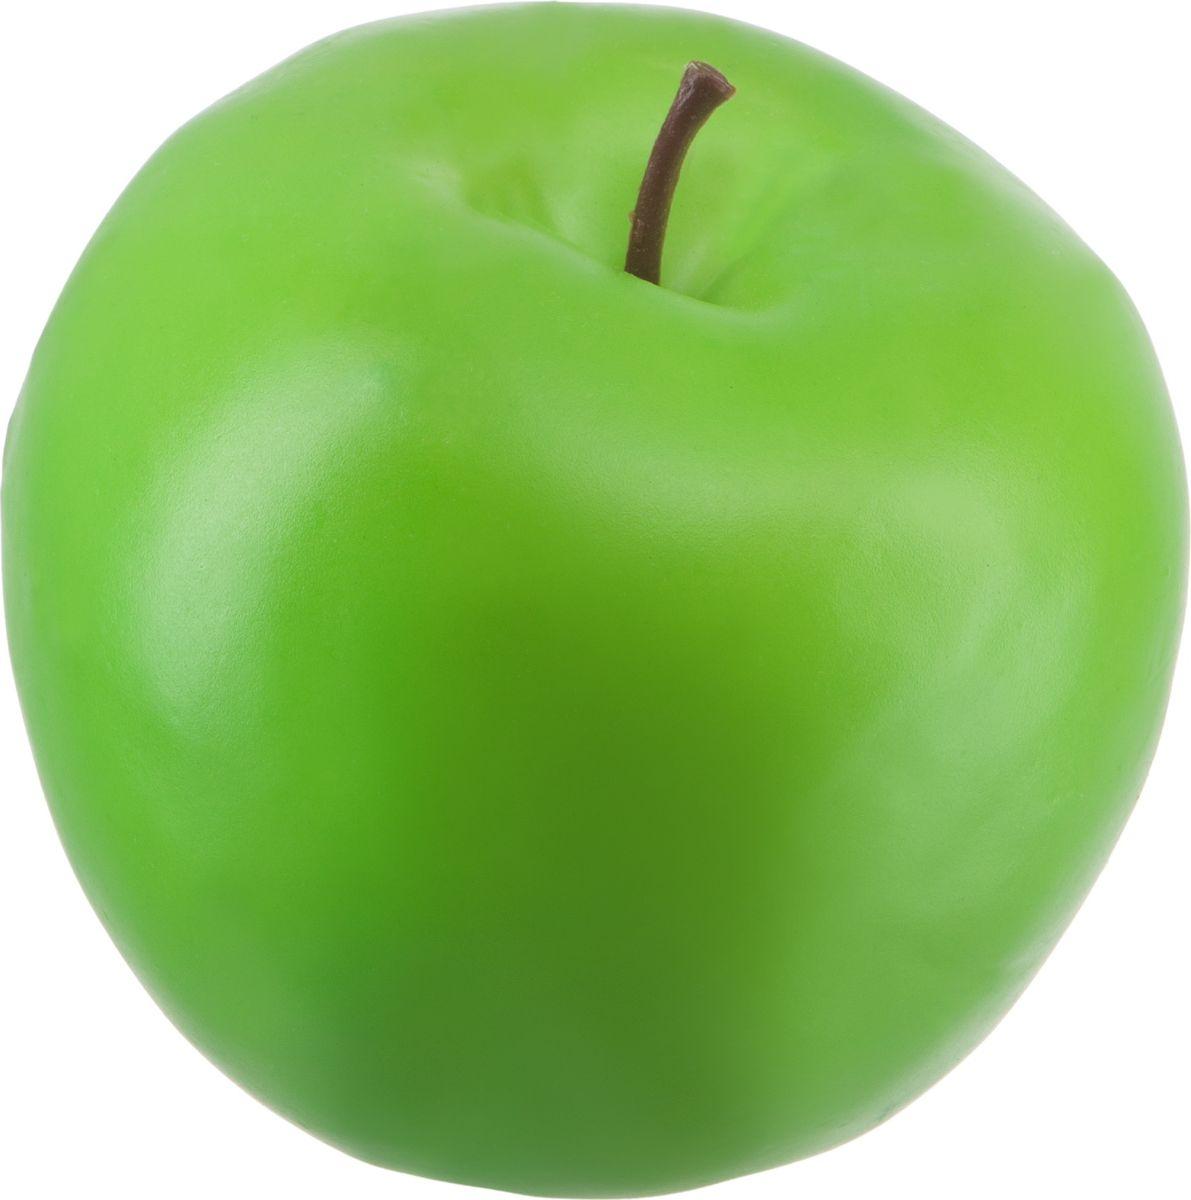 """Муляж Engard """"Яблоко"""" - это идеальный способ украсить кухню или способ придать яркости интерьеру. Яблоко выглядит реалистично, сочно и ярко. Благодаря высокому качеству яблоко не потускнеет со временем."""